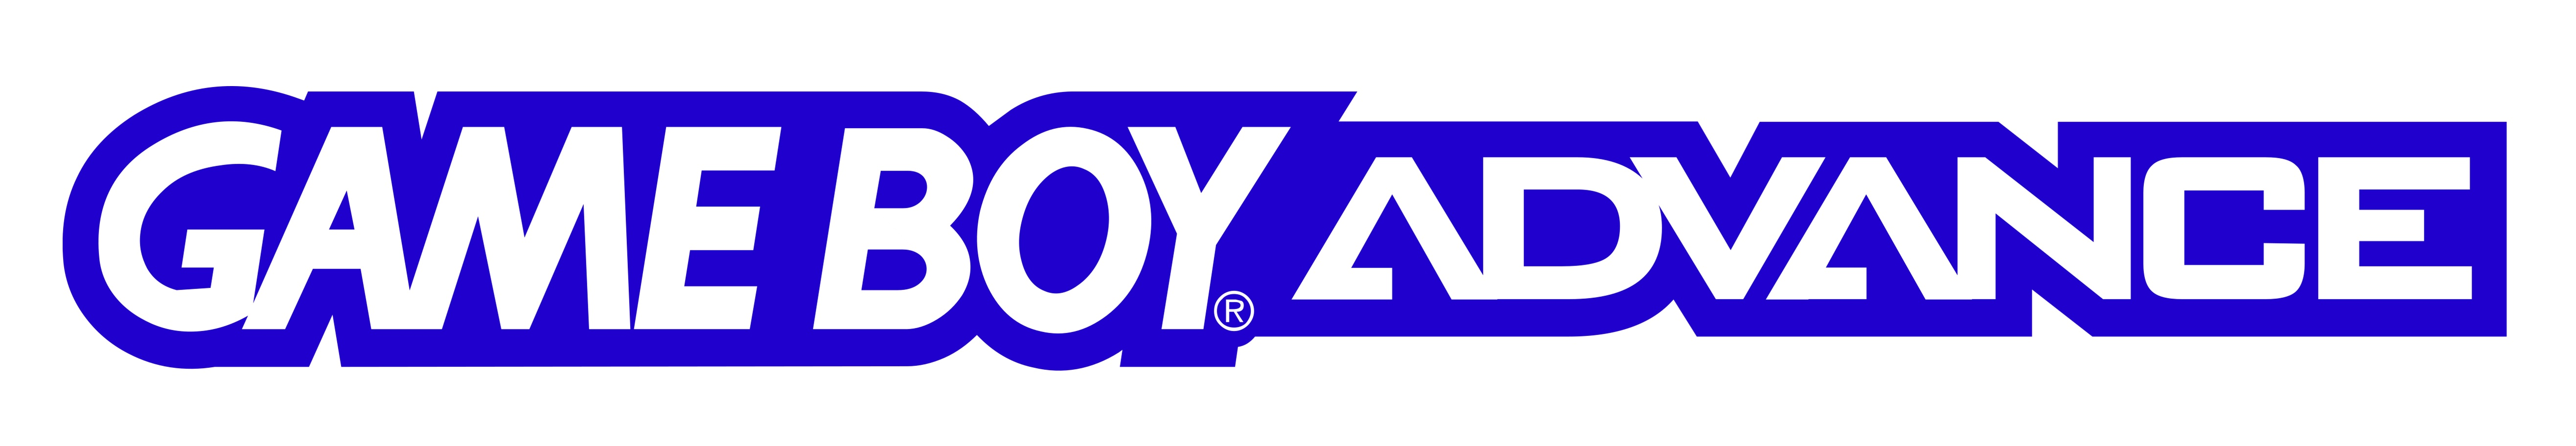 Game Boy Advance Logo photo - 1